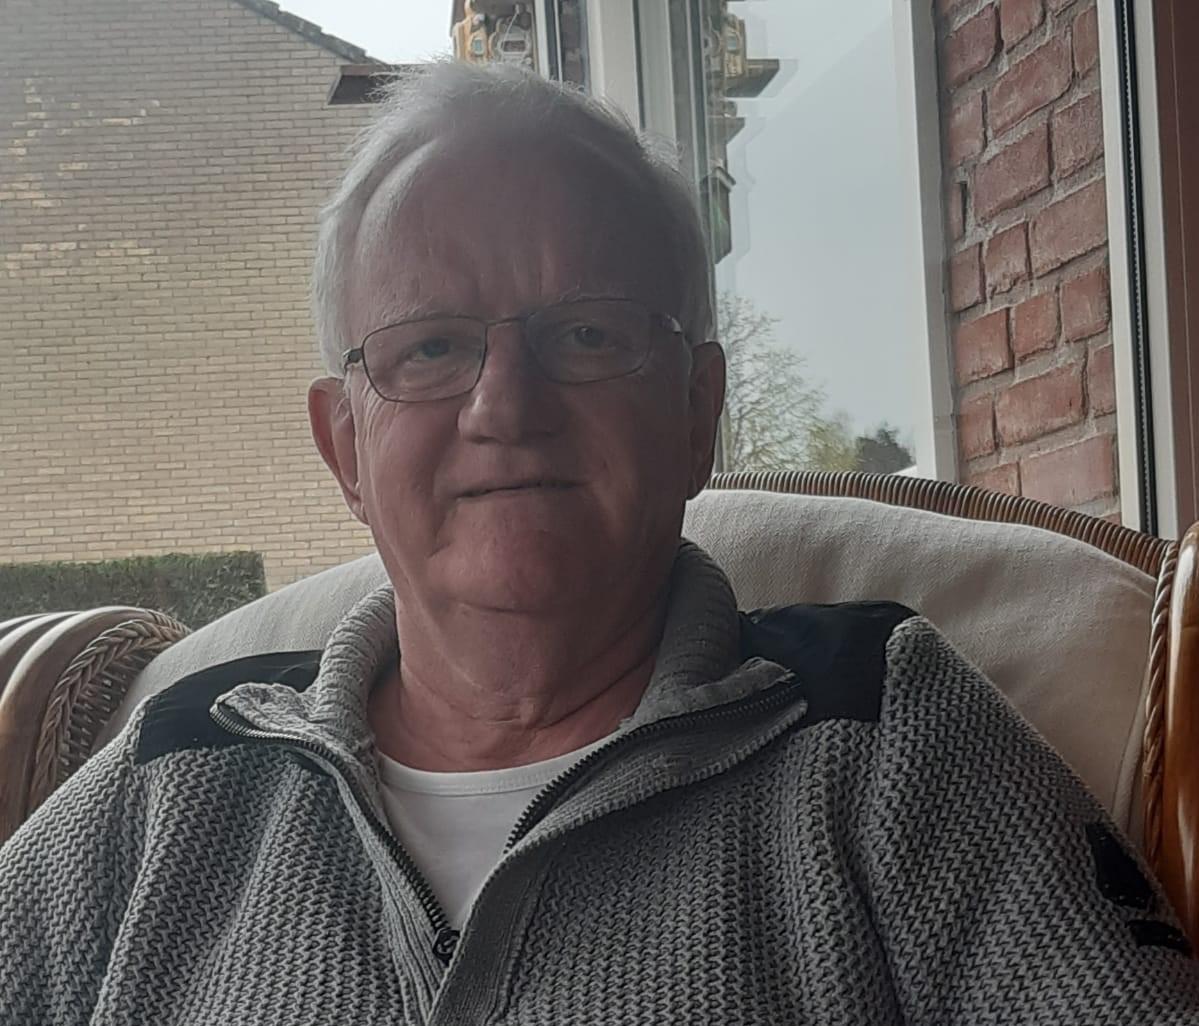 Aan het woord: Frank van der Kloot